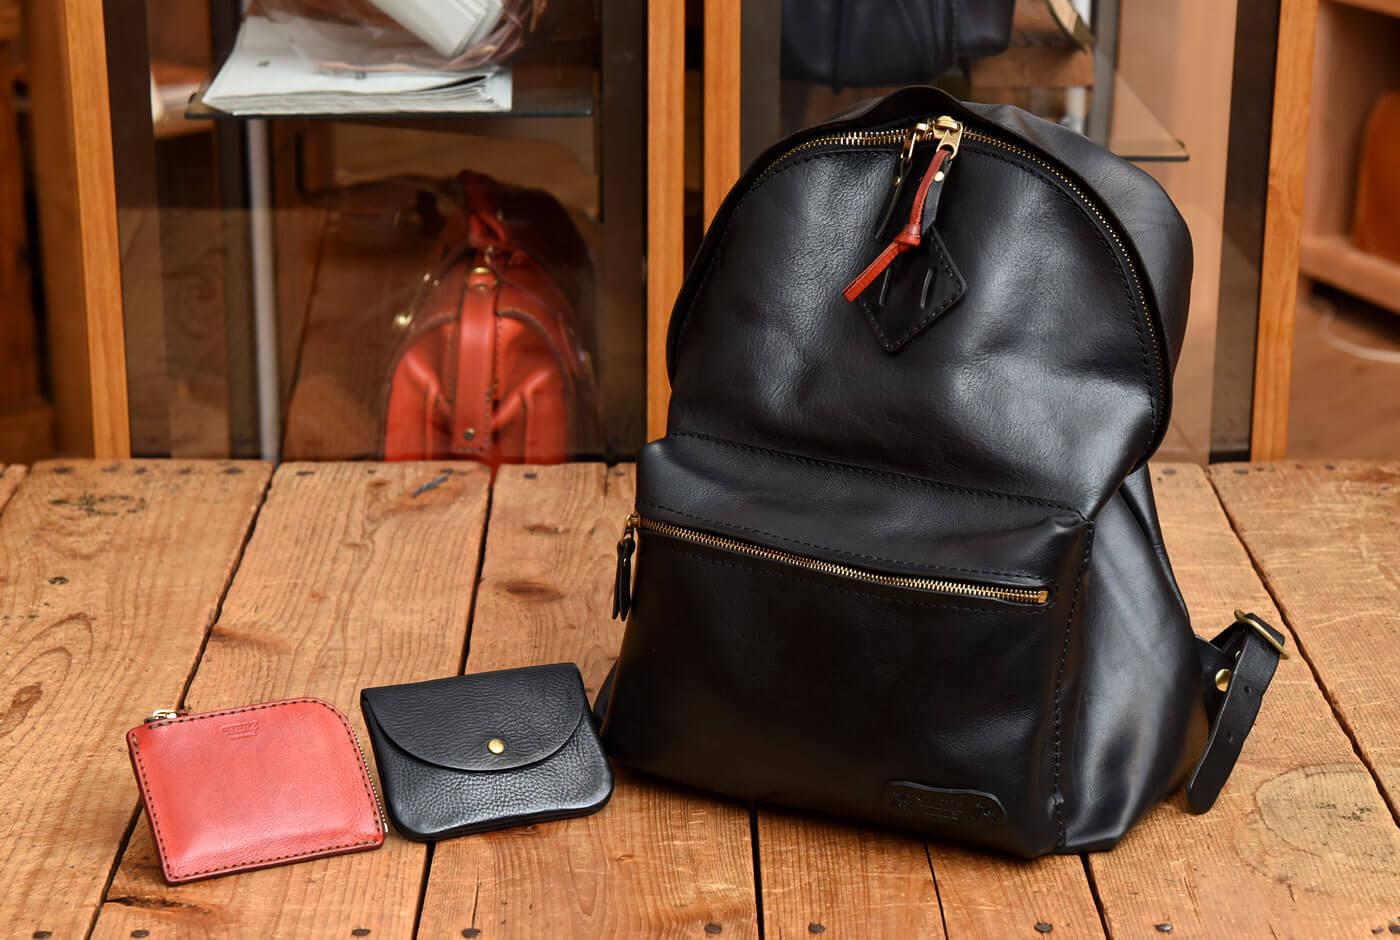 斎藤愛用のバッグと小物はこちら